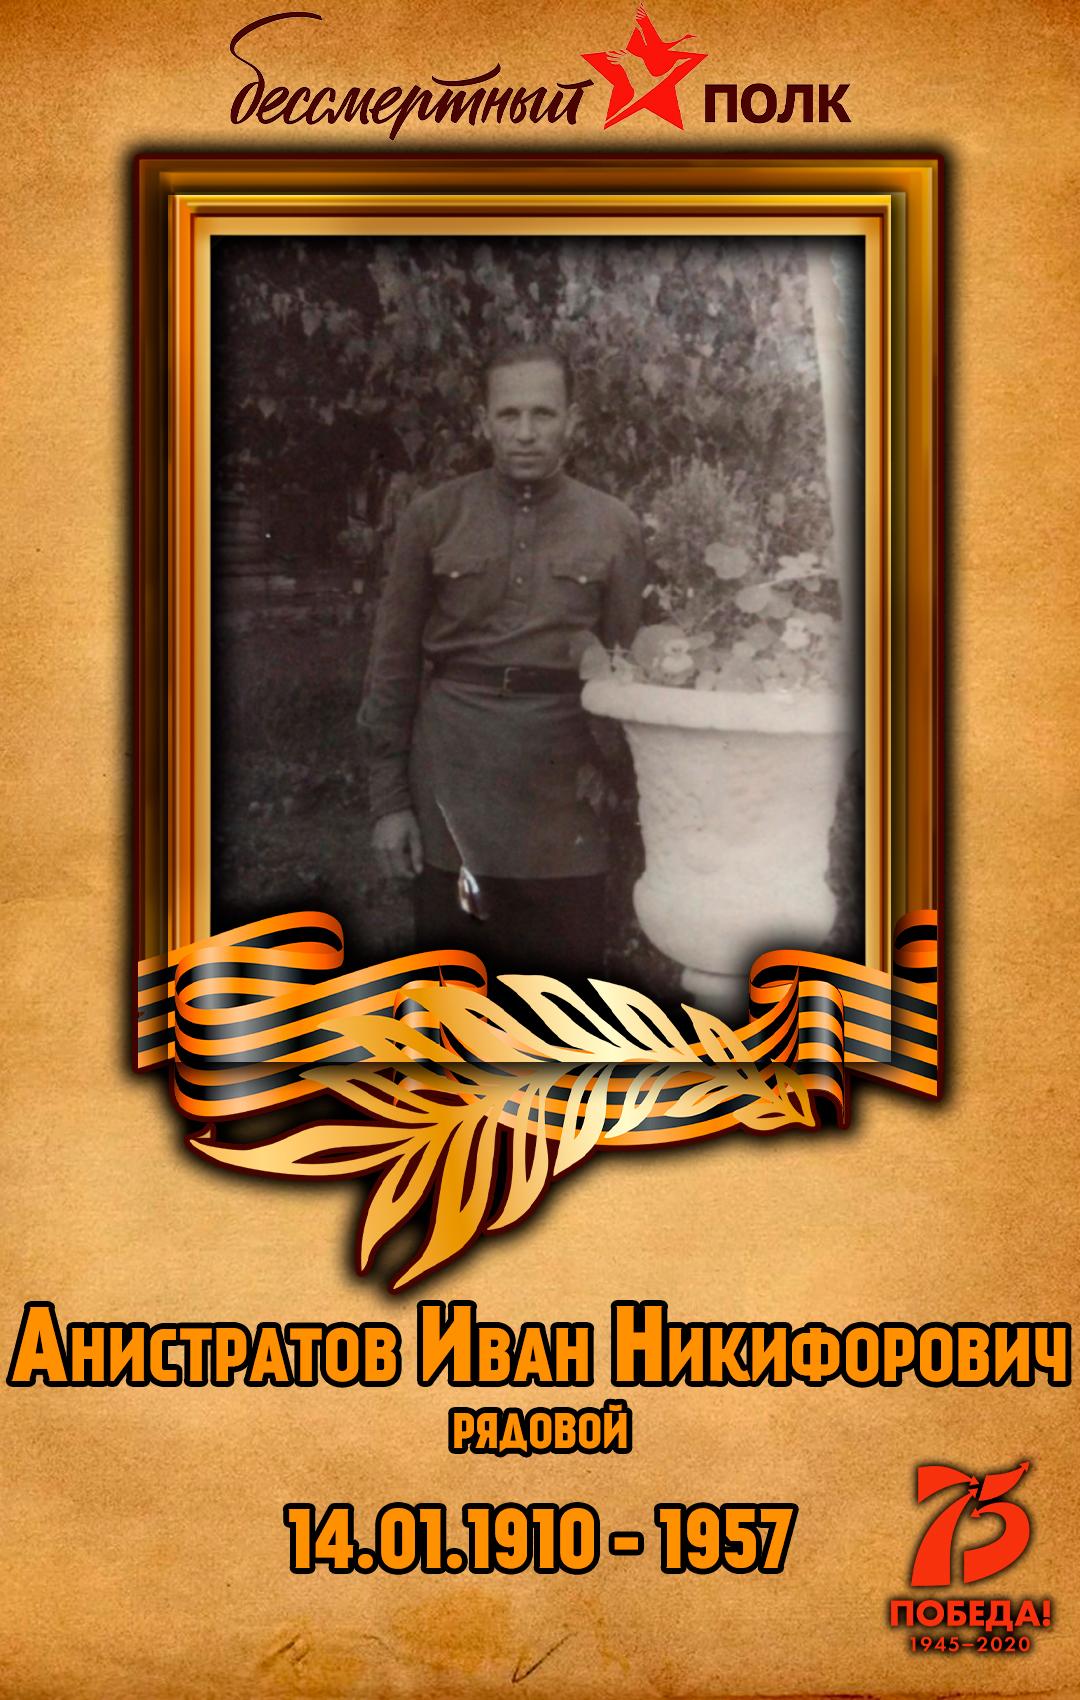 Анистратов-Иван-Никифорович